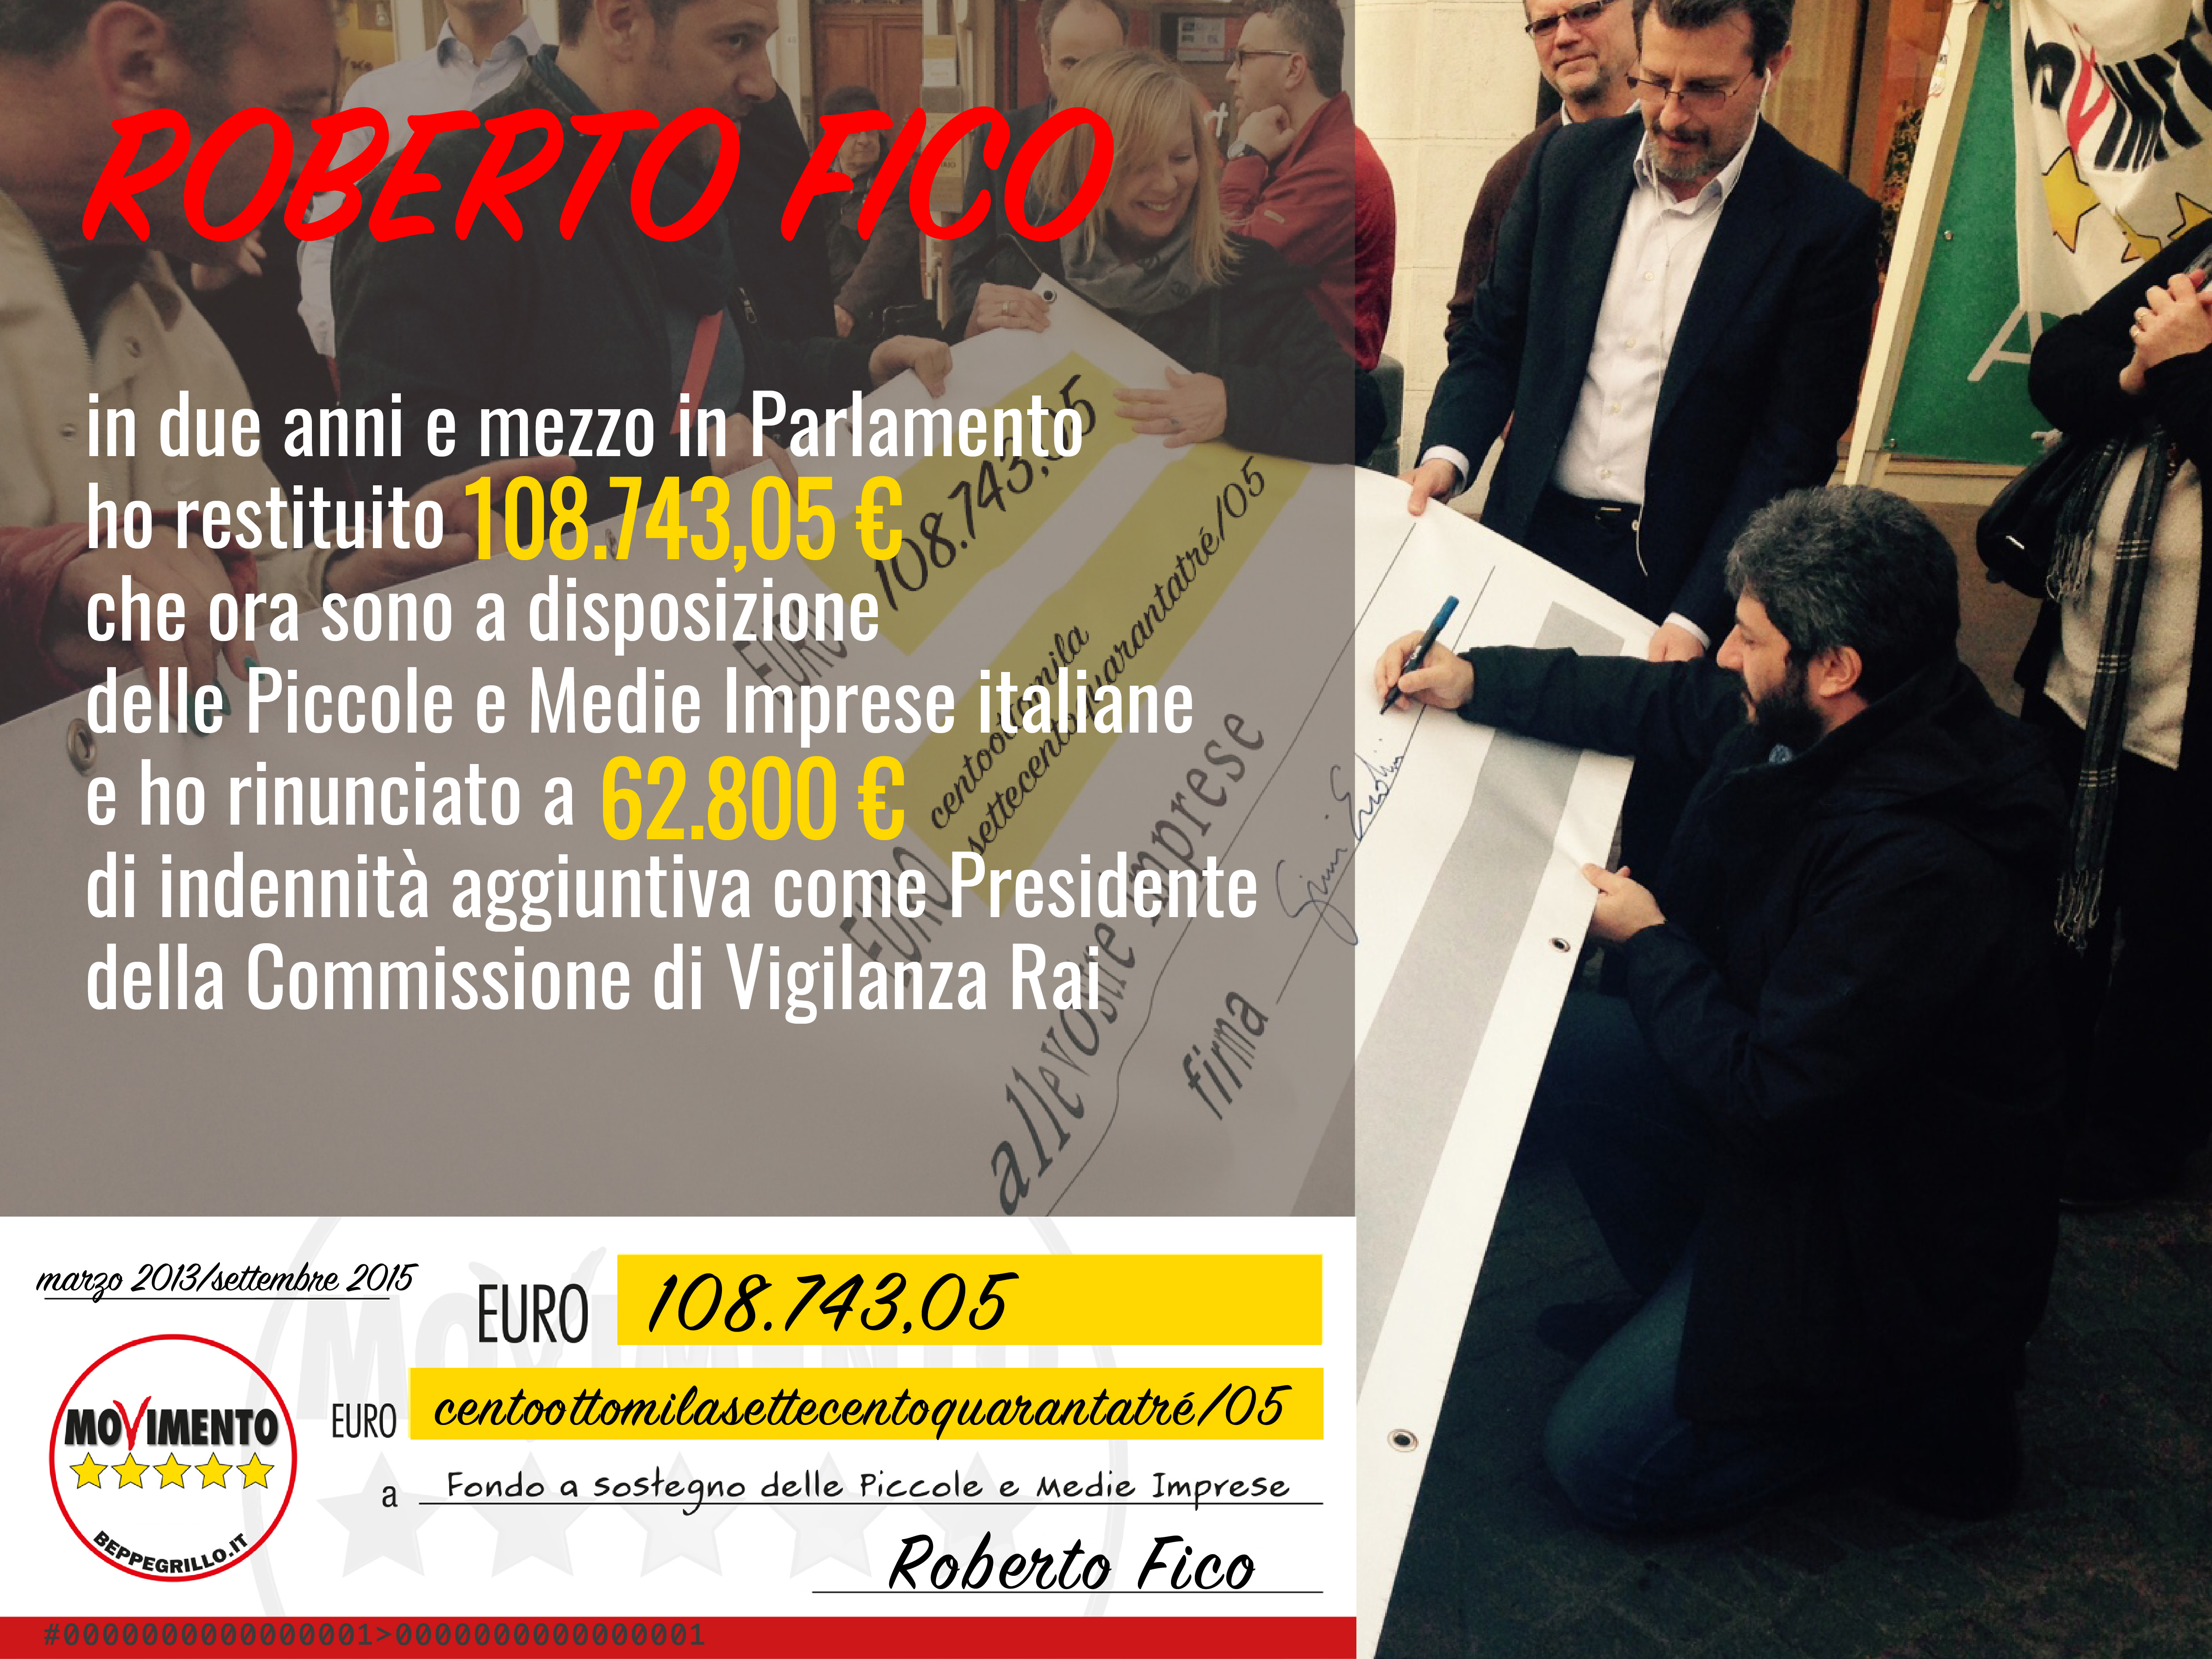 rendiconto_settembre2015-01